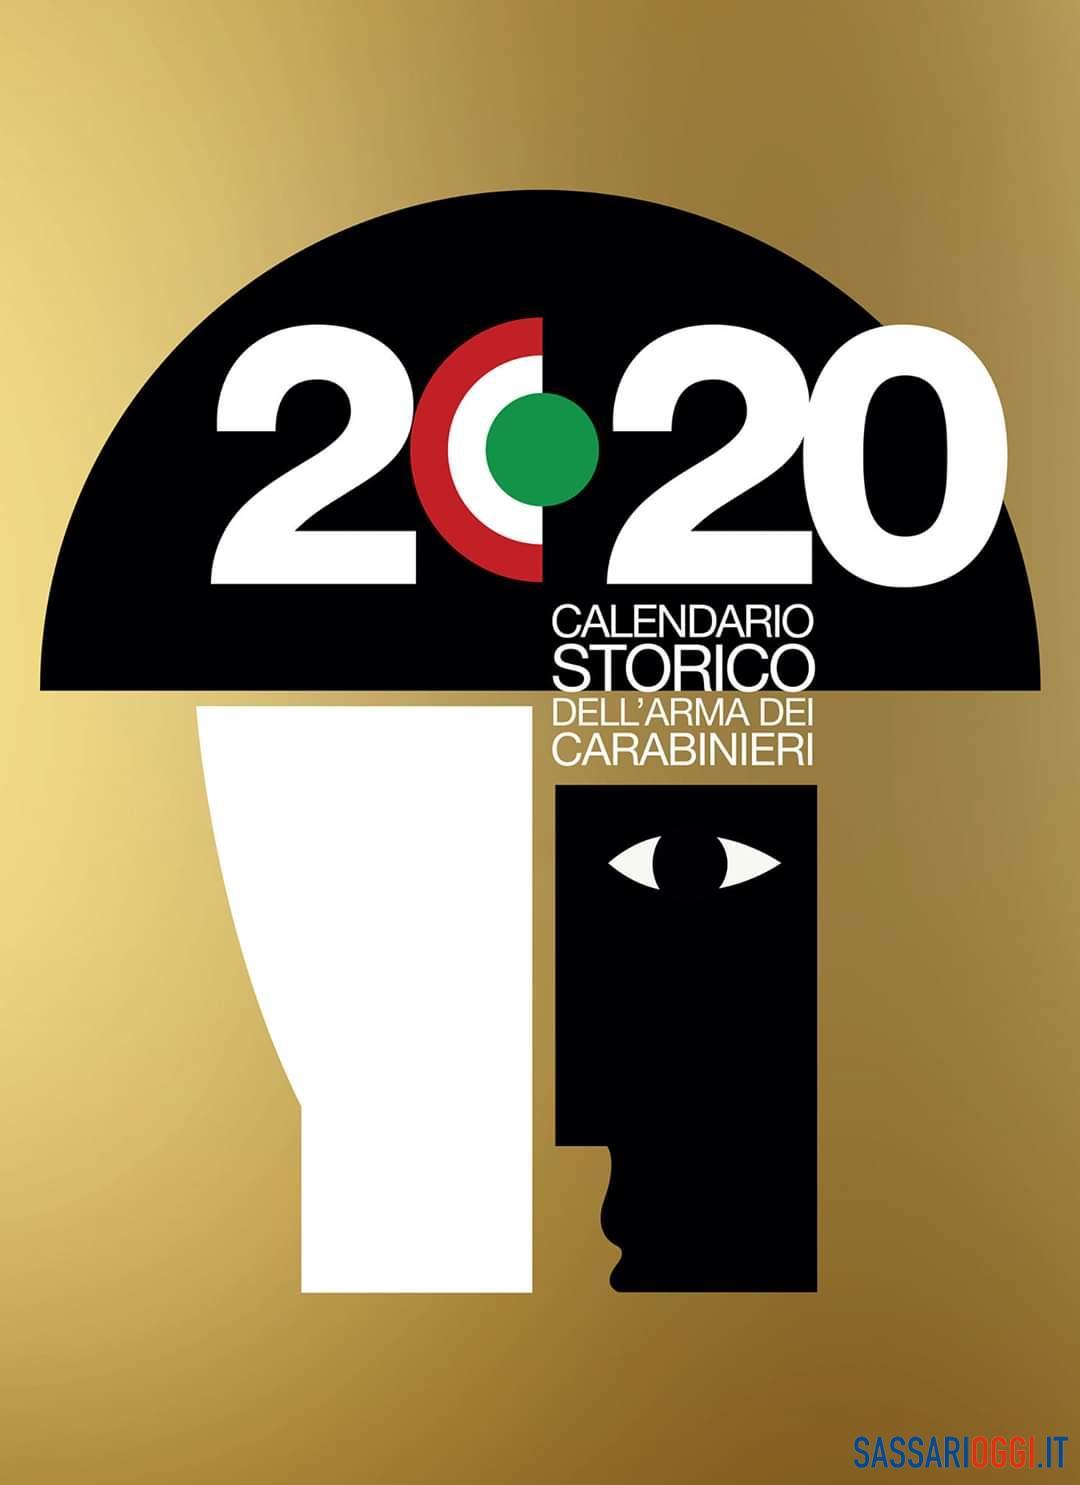 Sassari, presentato il calendario 2020 dell'Arma dei carabinieri - Sassari Oggi